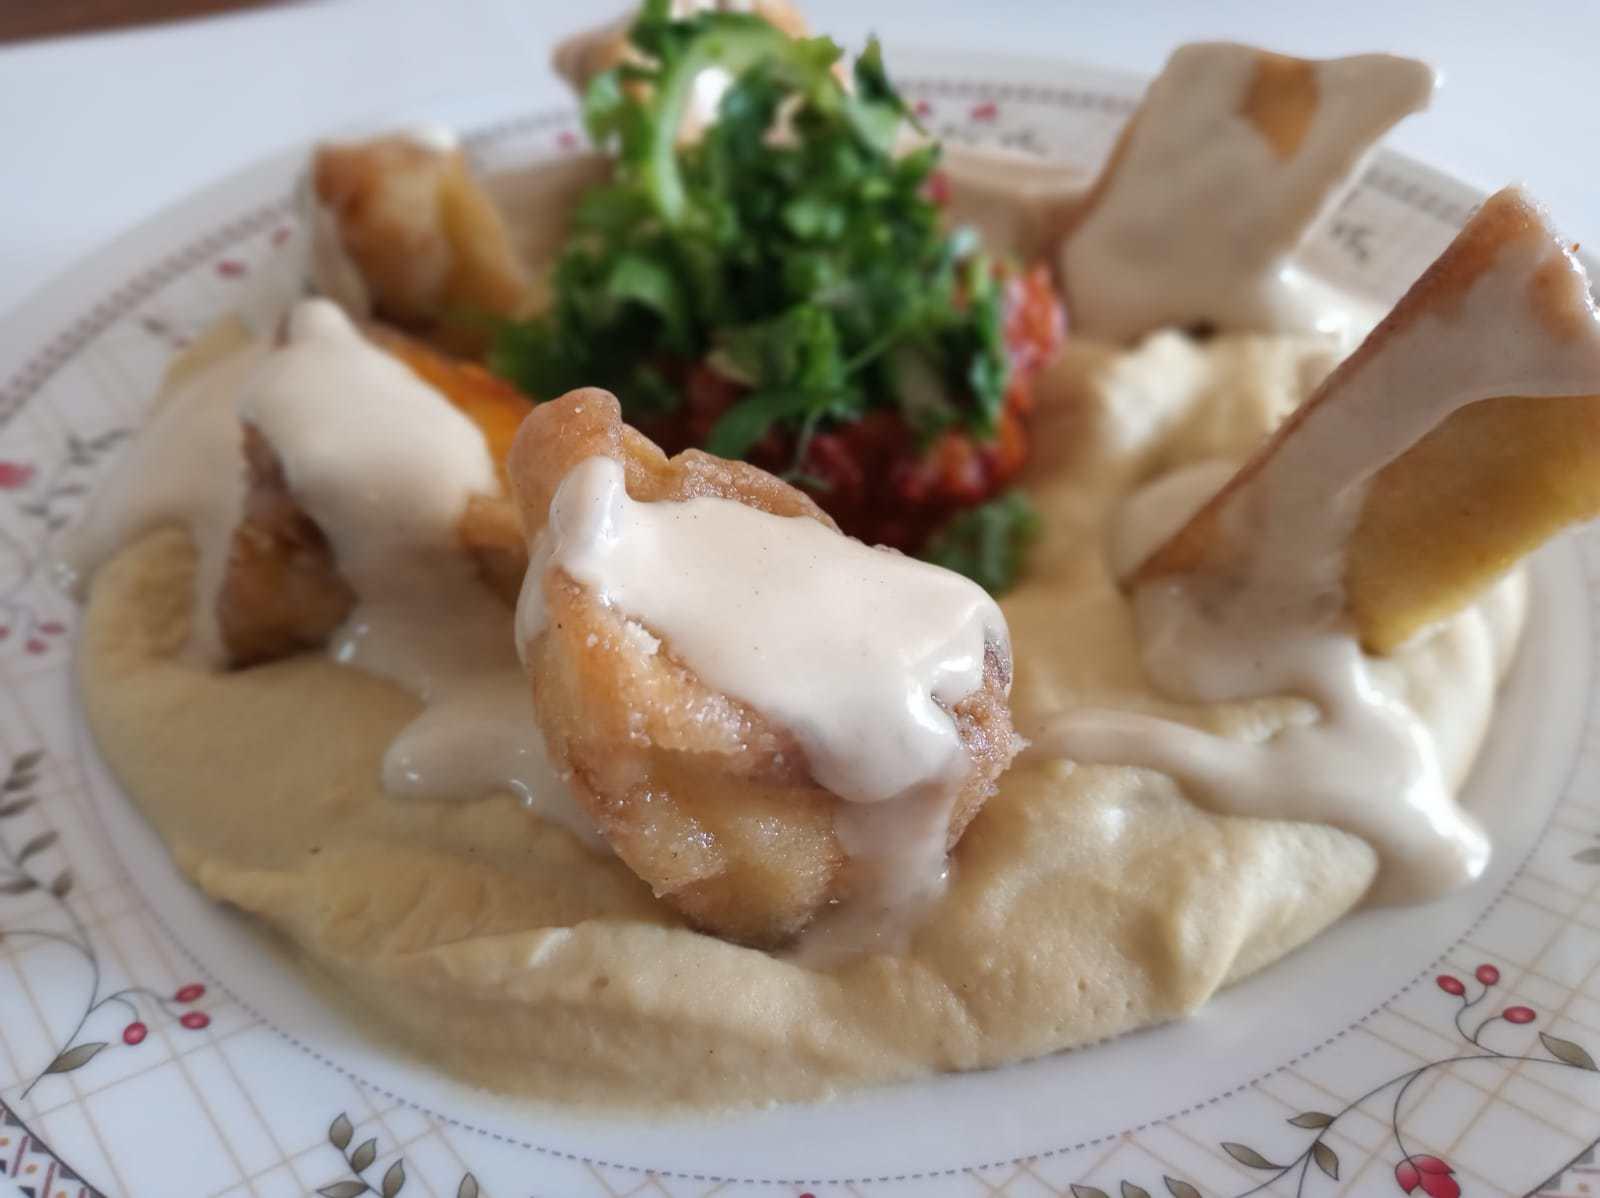 המסעדות הטובות ביותר ב דימונה והסביבה - אינתי חומוסייה דרומית